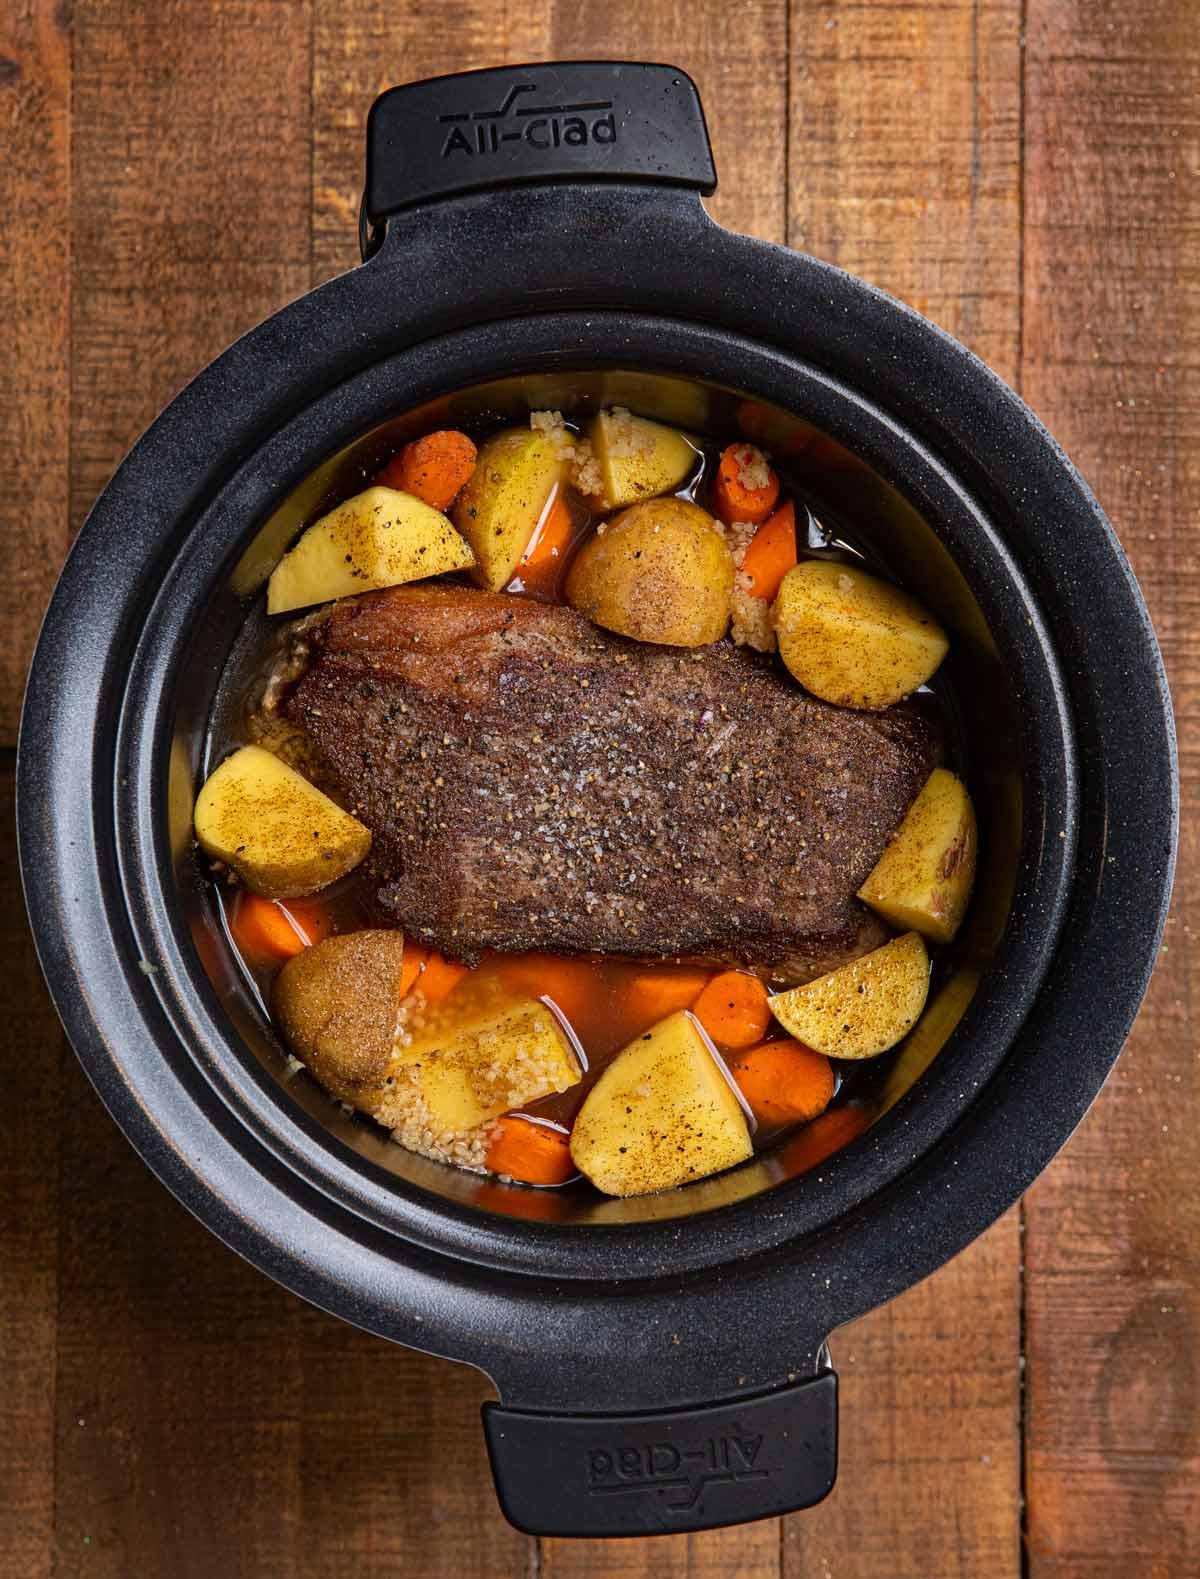 Slow Cooker Rump Roast in crock pot before cooking